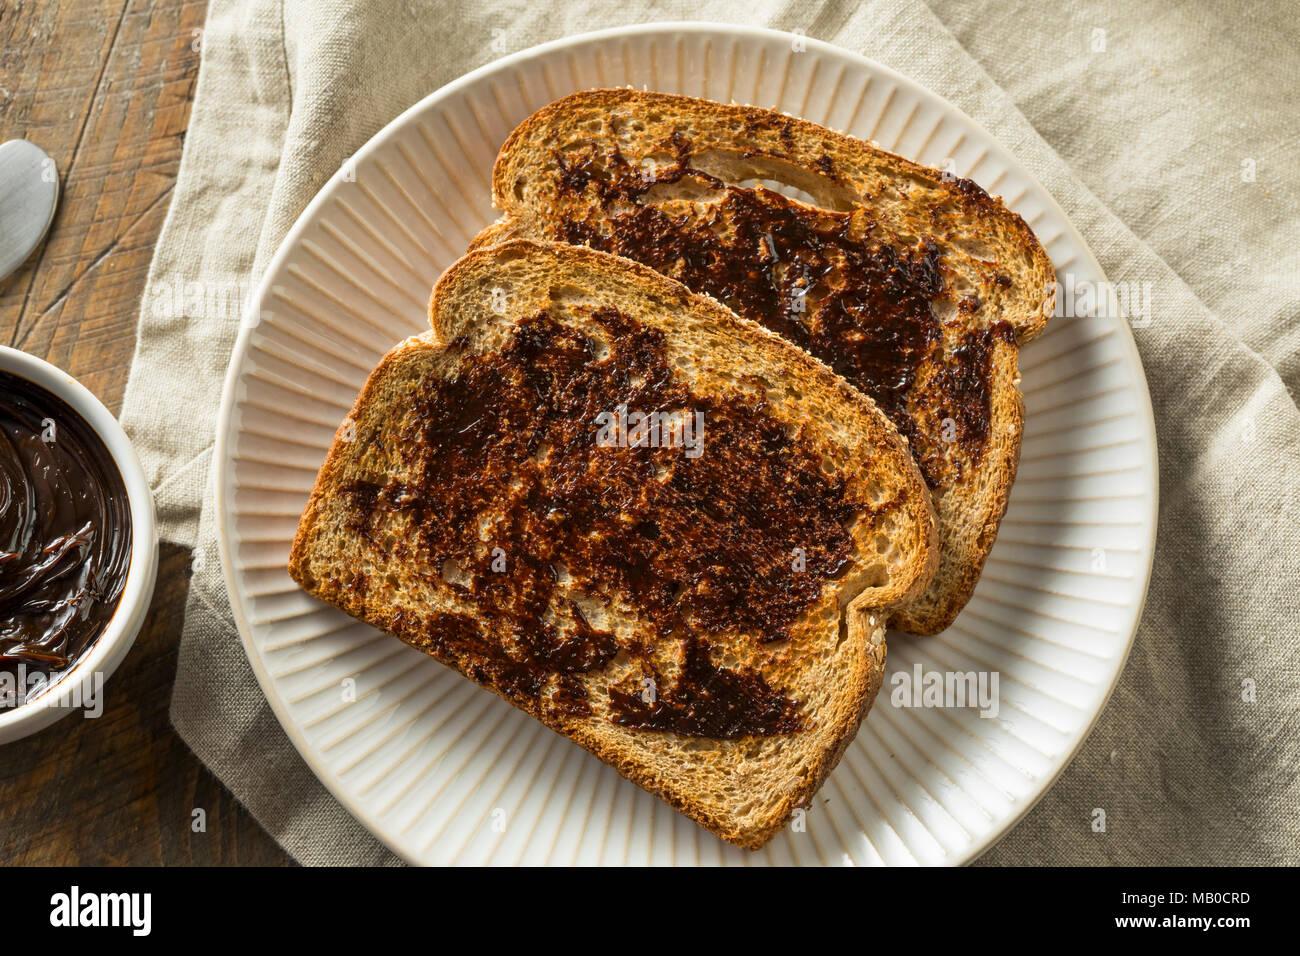 Köstlichen Australischen dunkler Hefeextrakt Spread für Toast Stockbild